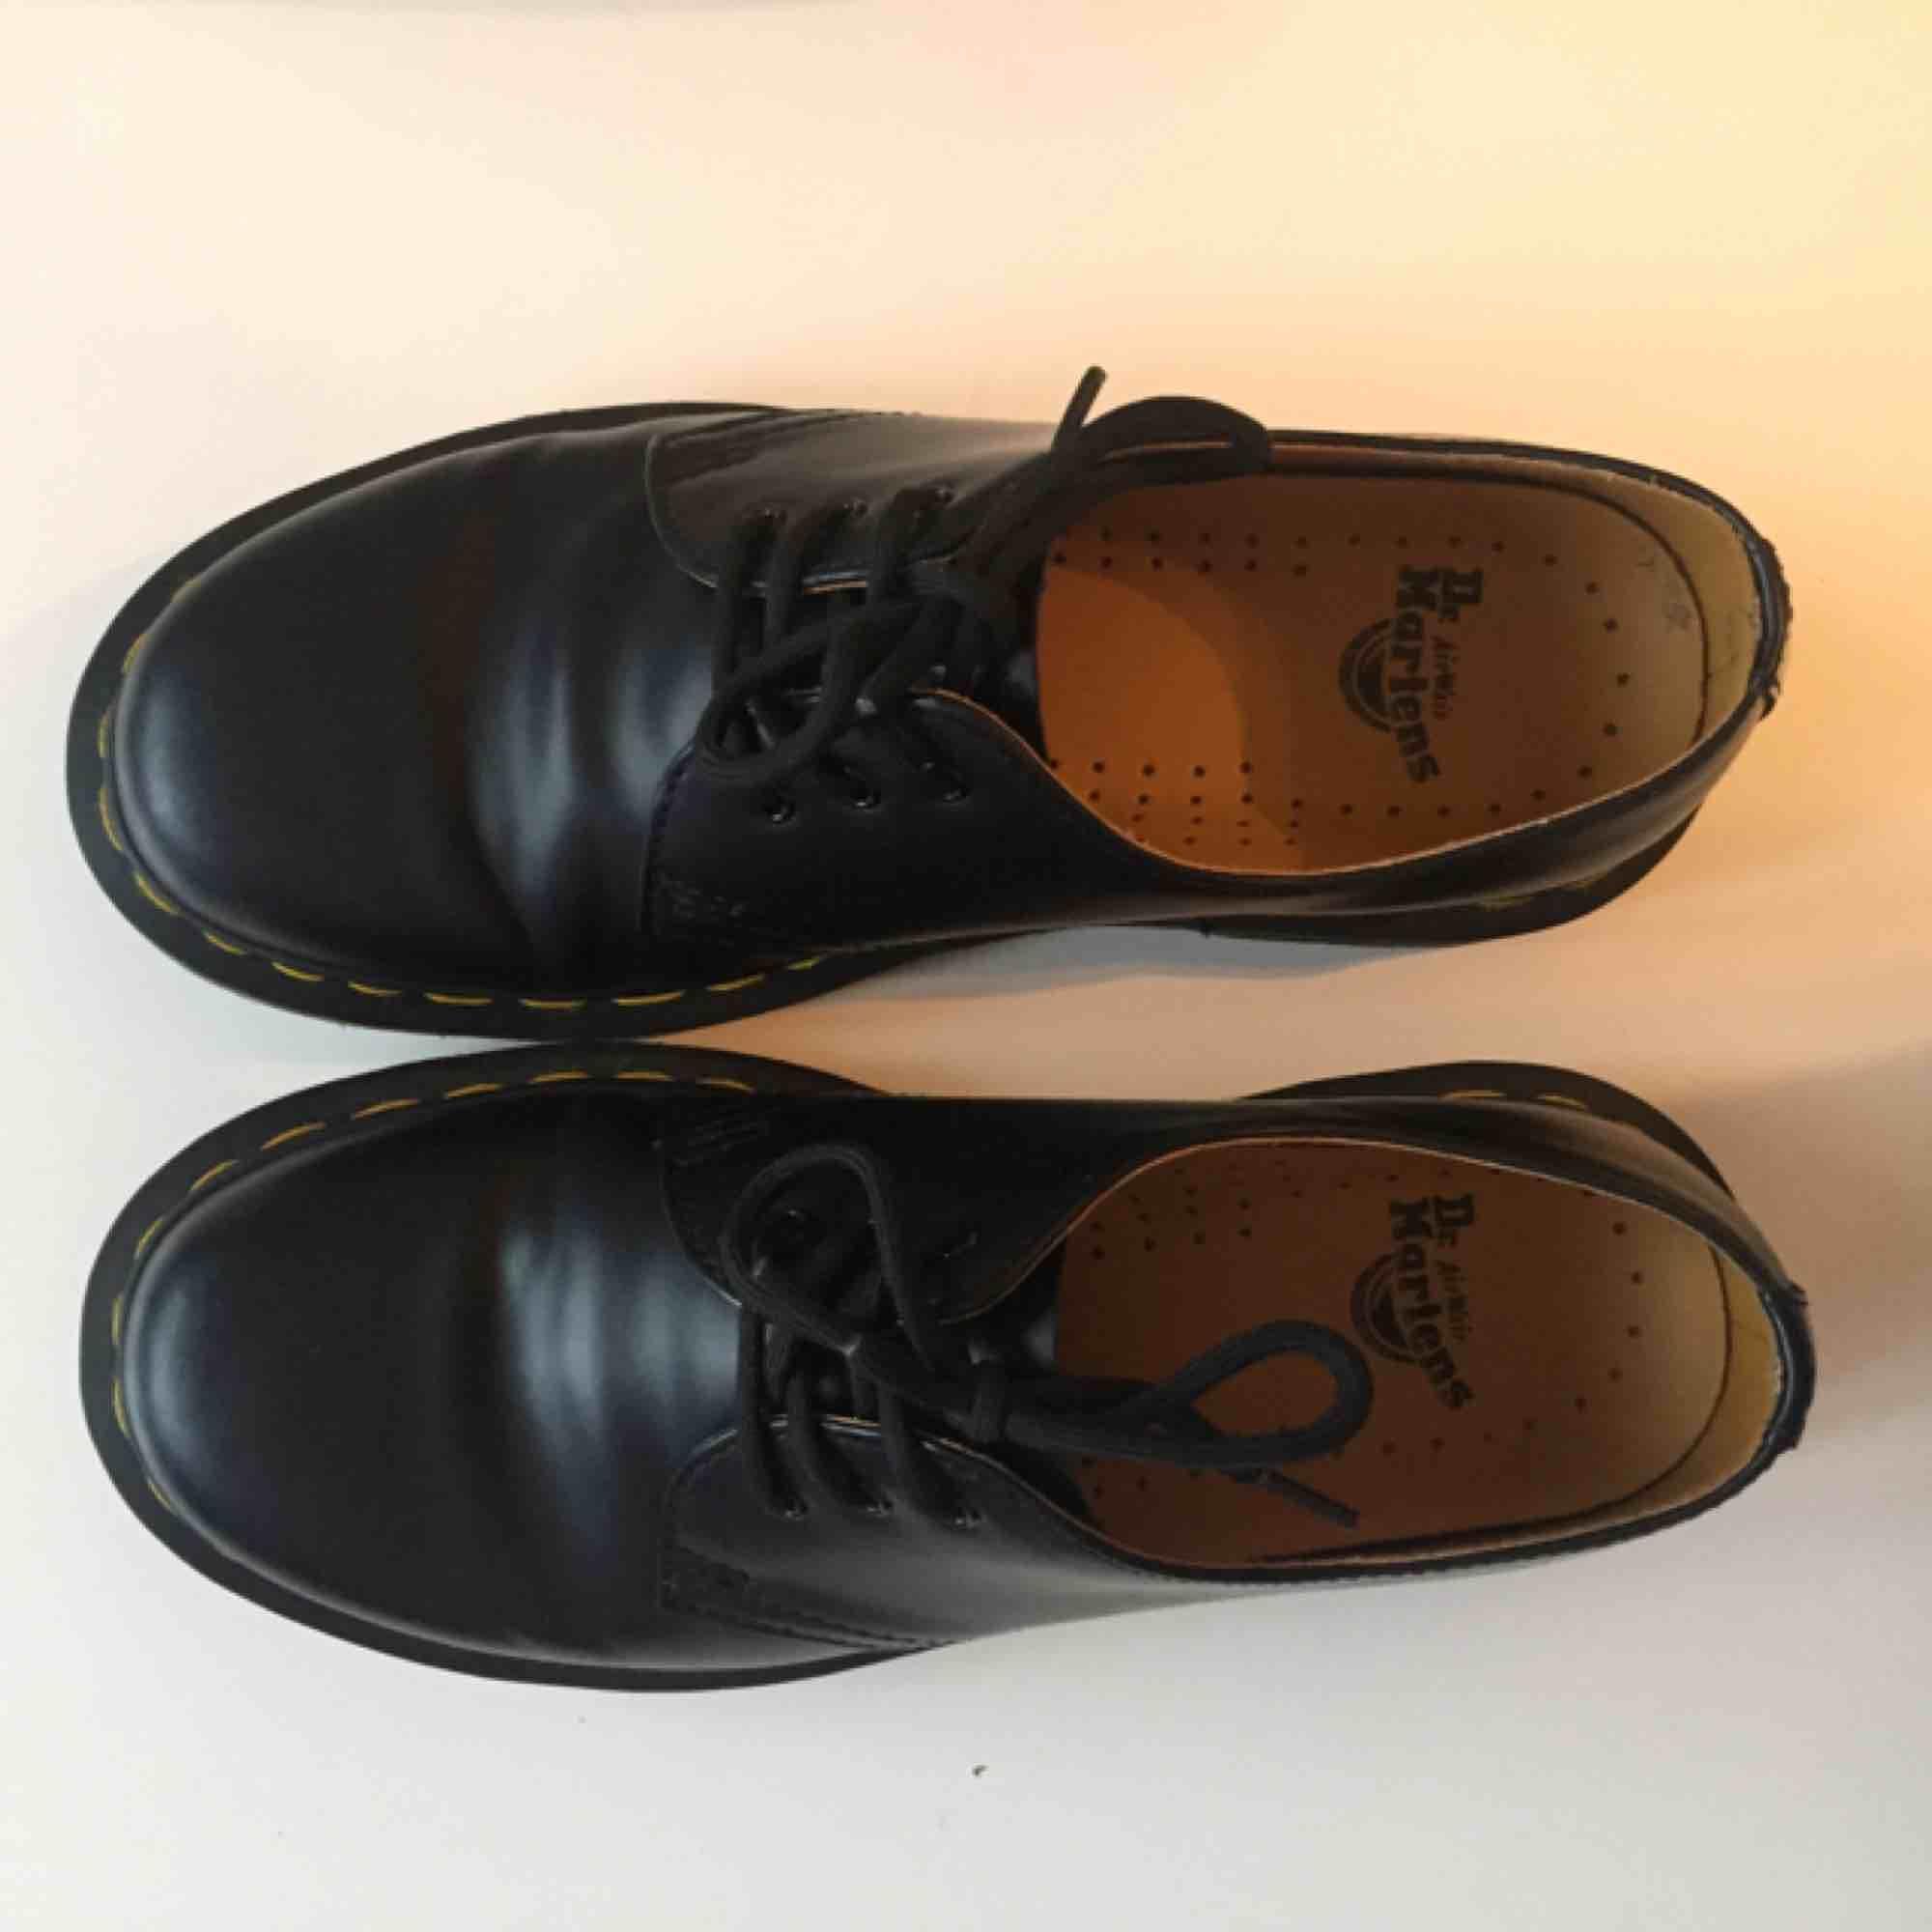 Säljer ett par Dr martens 1461 smooth i storlek 37. Skorna är i läder. De är använda ett fåtal gånger men säljes p.g.a fel storlek. Nypris 1500:-. Skokartong finns kvar och skorna finns för upphämtning i Uppsala. Kan också skickas mot frakt. . Skor.